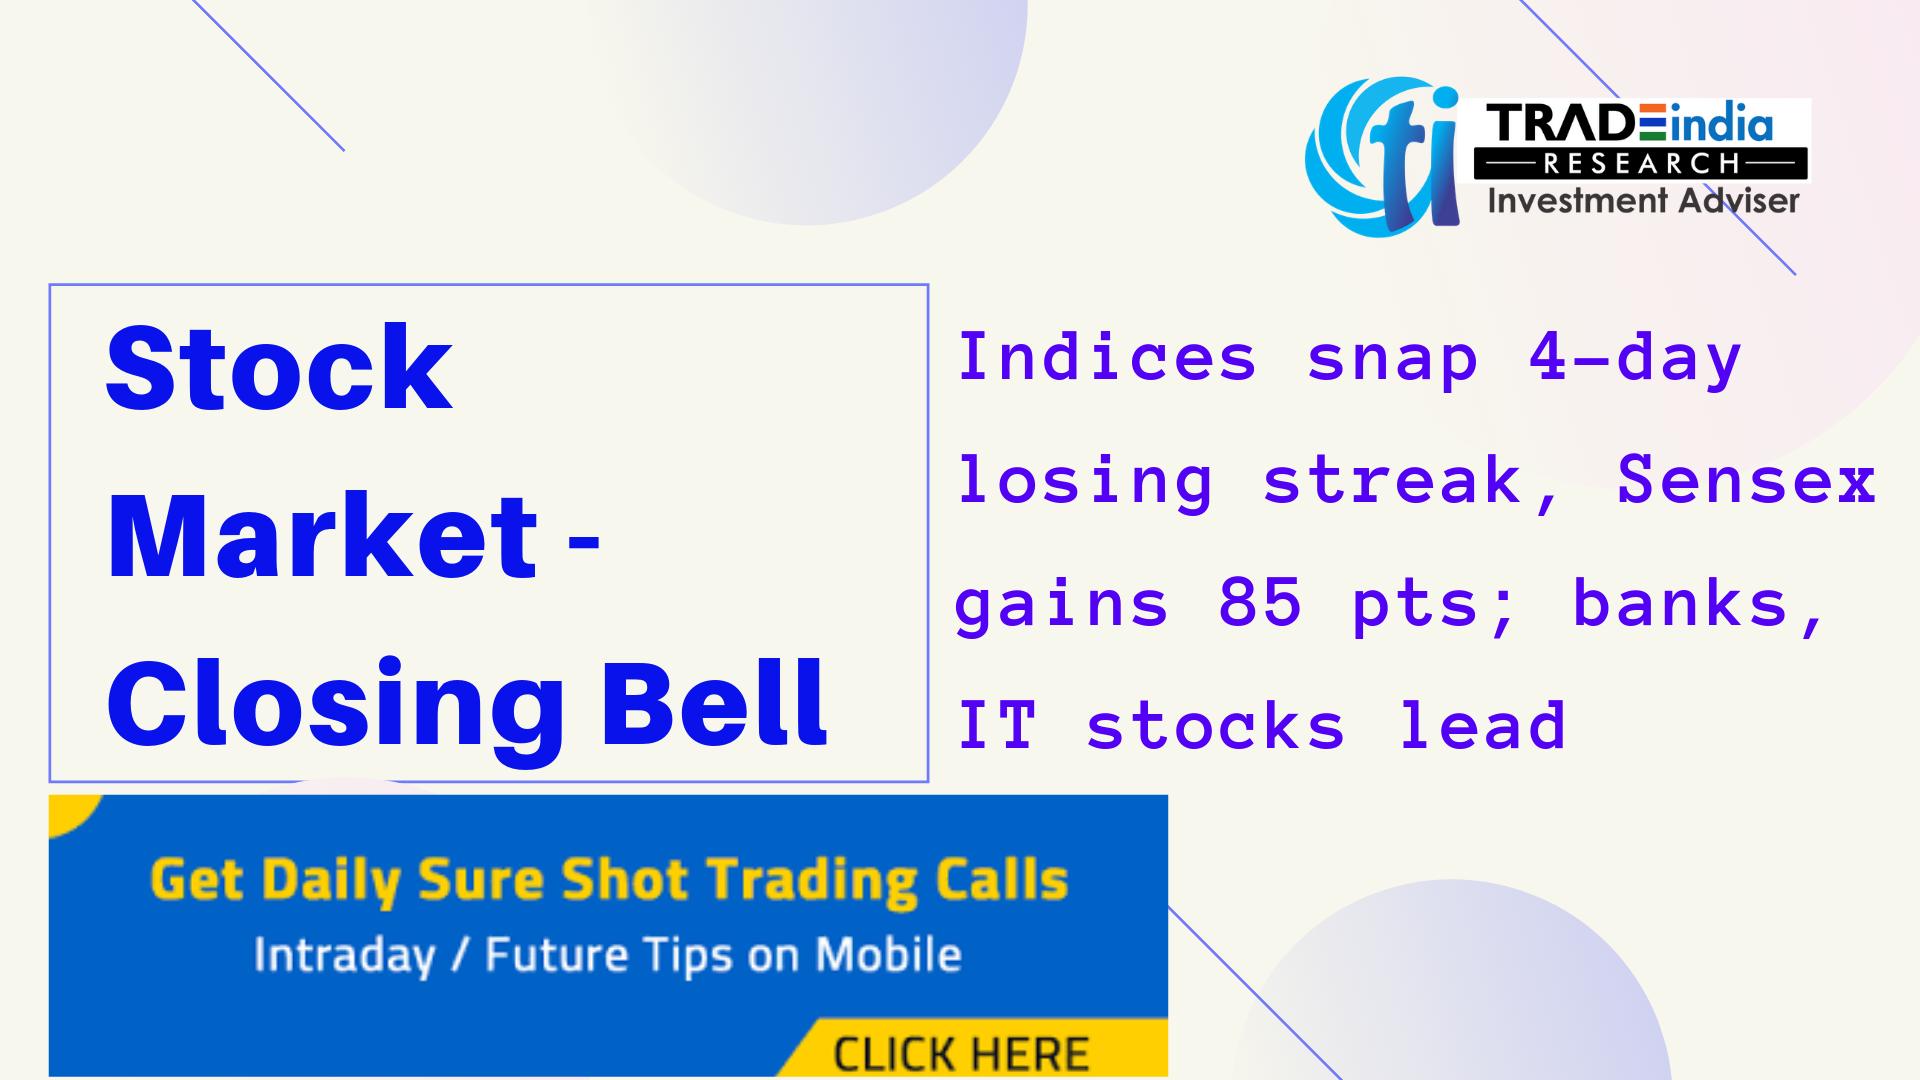 Stock Market Closing Bell Stock Market Tips Marketing